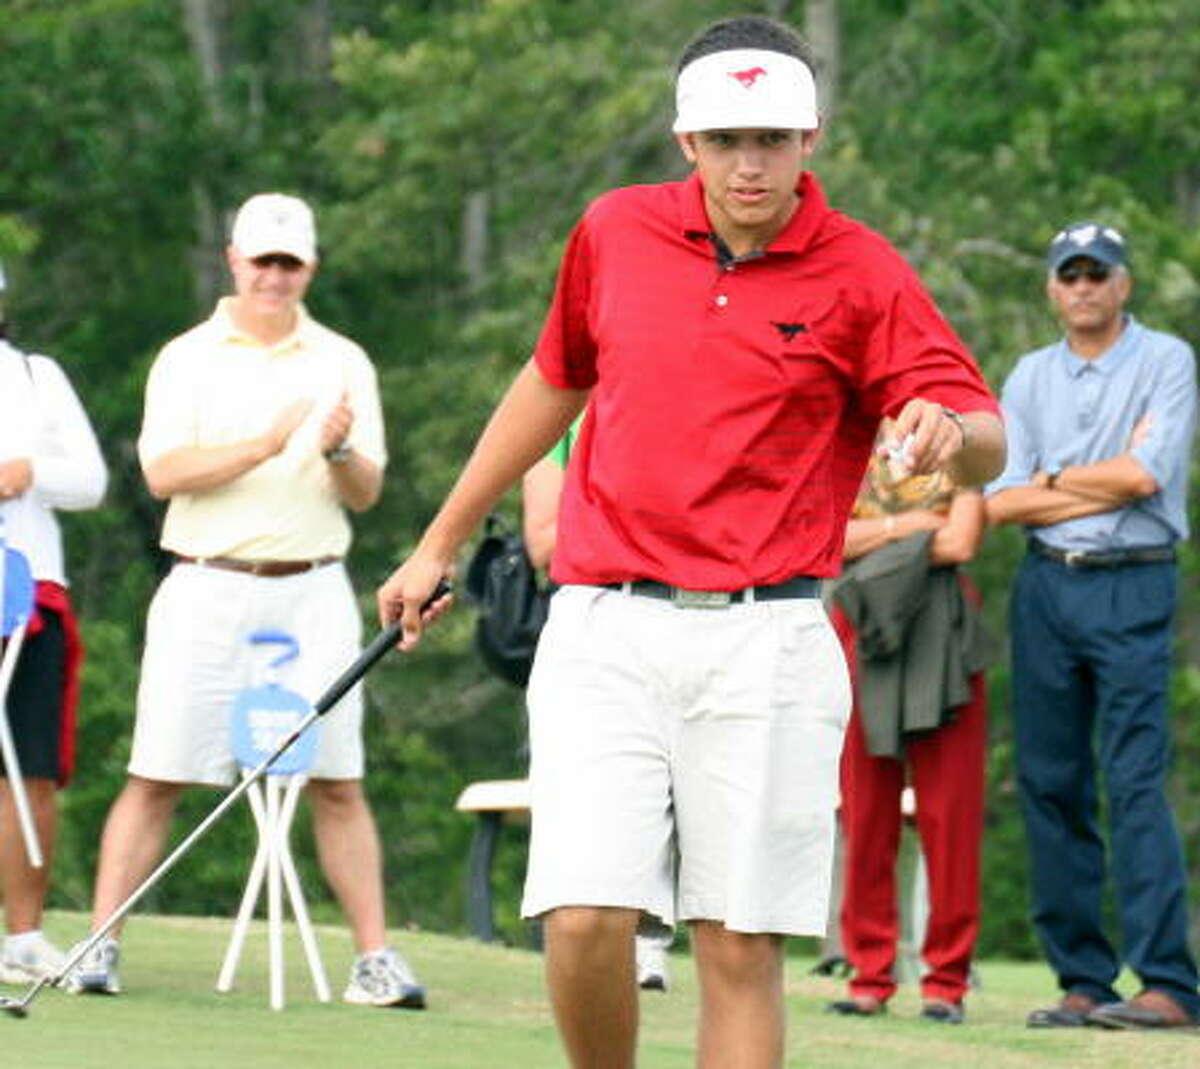 Memorial's Cory Whitsett took the boys crown.